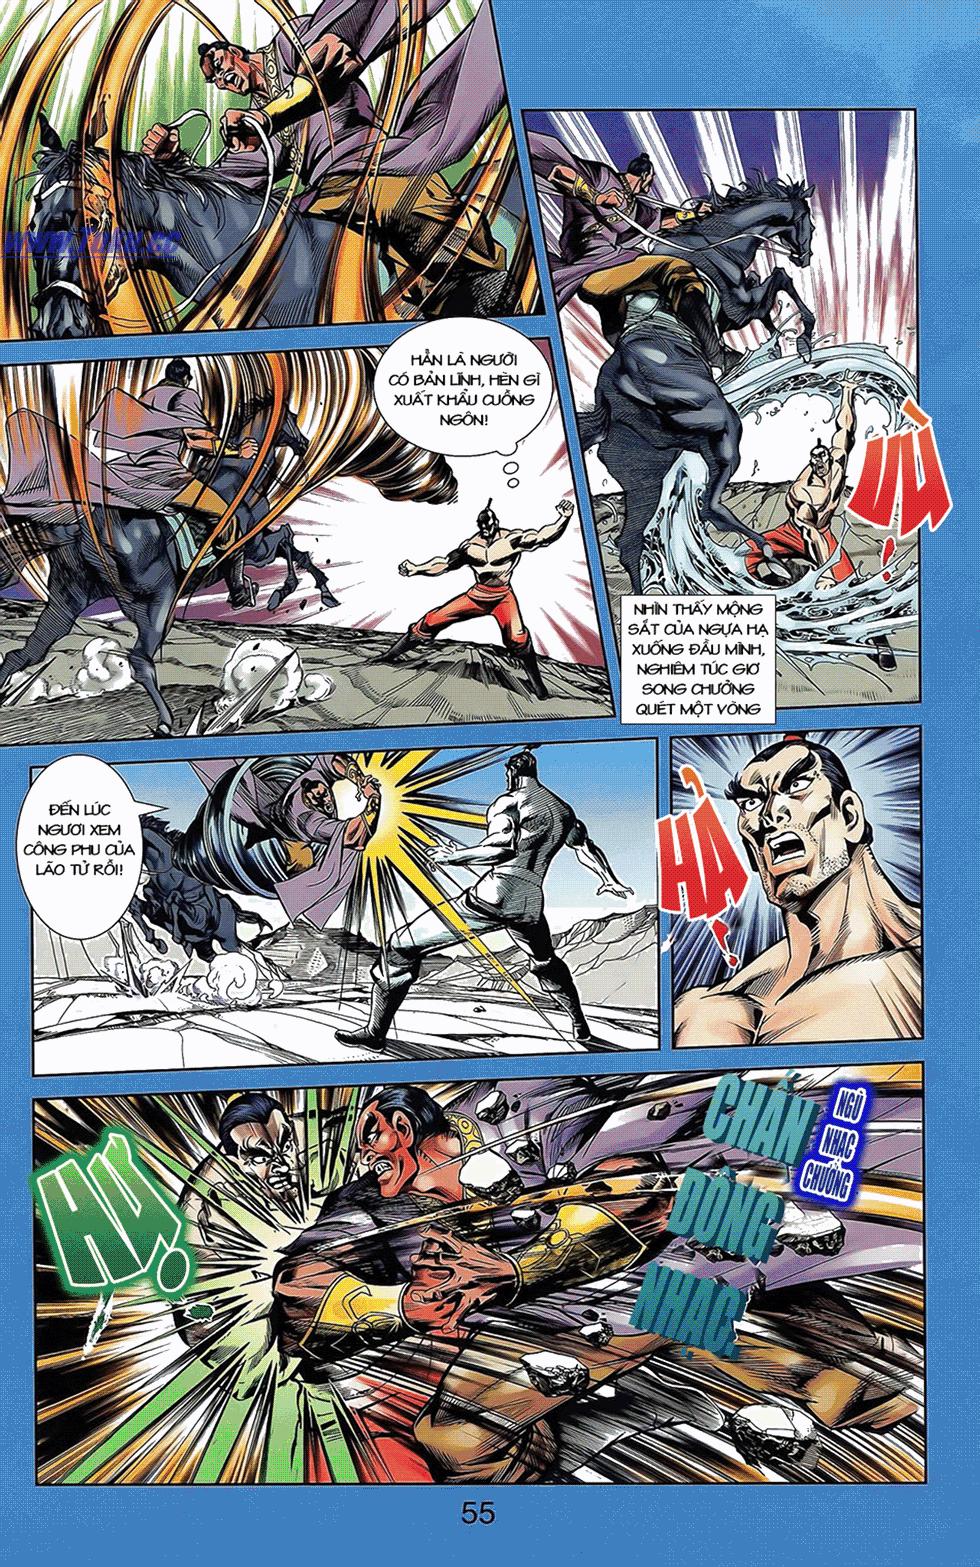 Tần Vương Doanh Chính chapter 7 trang 14